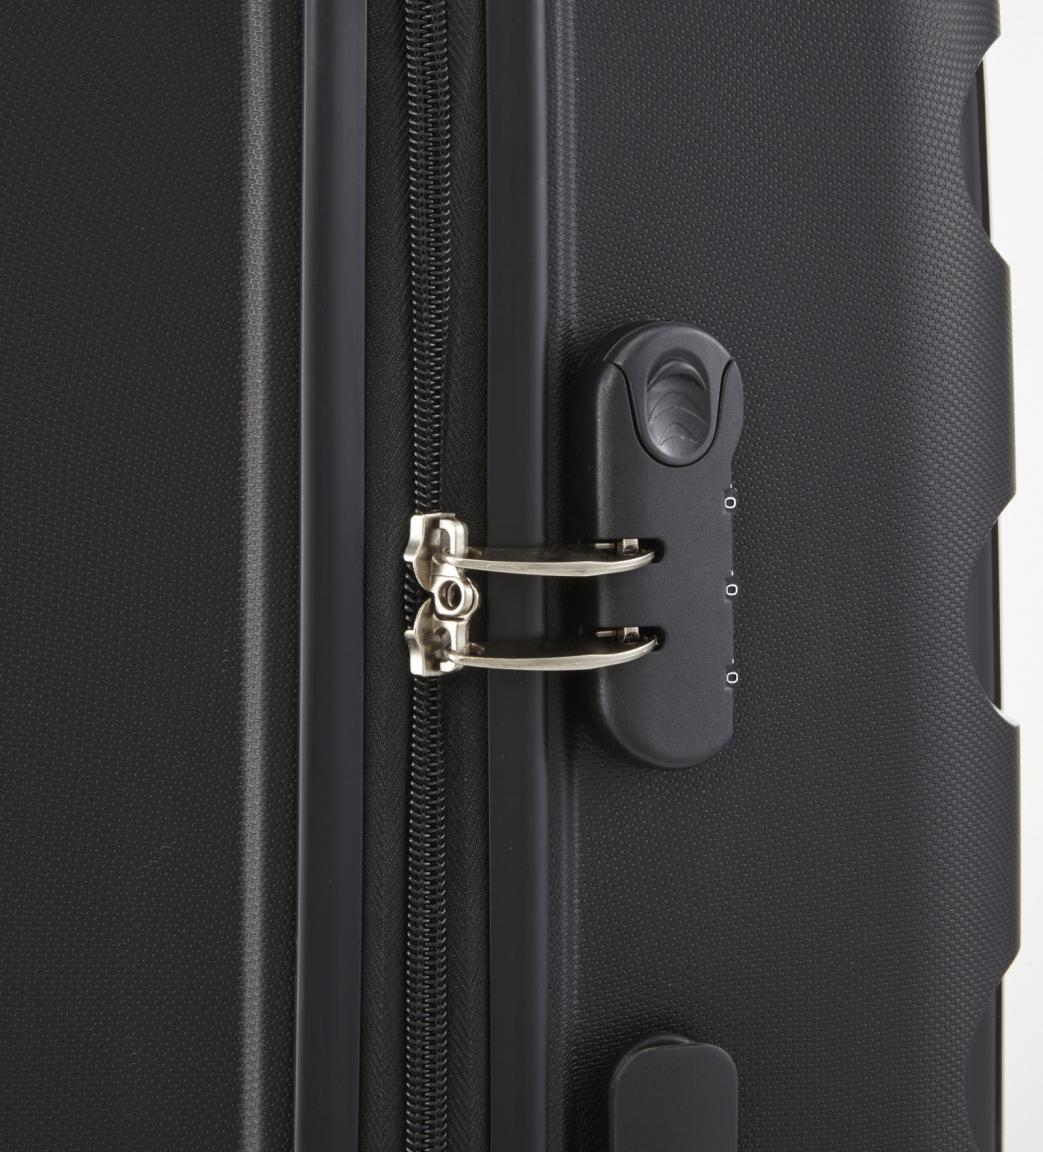 Koffer, Taschen & Accessoires Reisekoffer & -taschen Travelite Nova 4-rollen Trolley M 66 Cm 74048